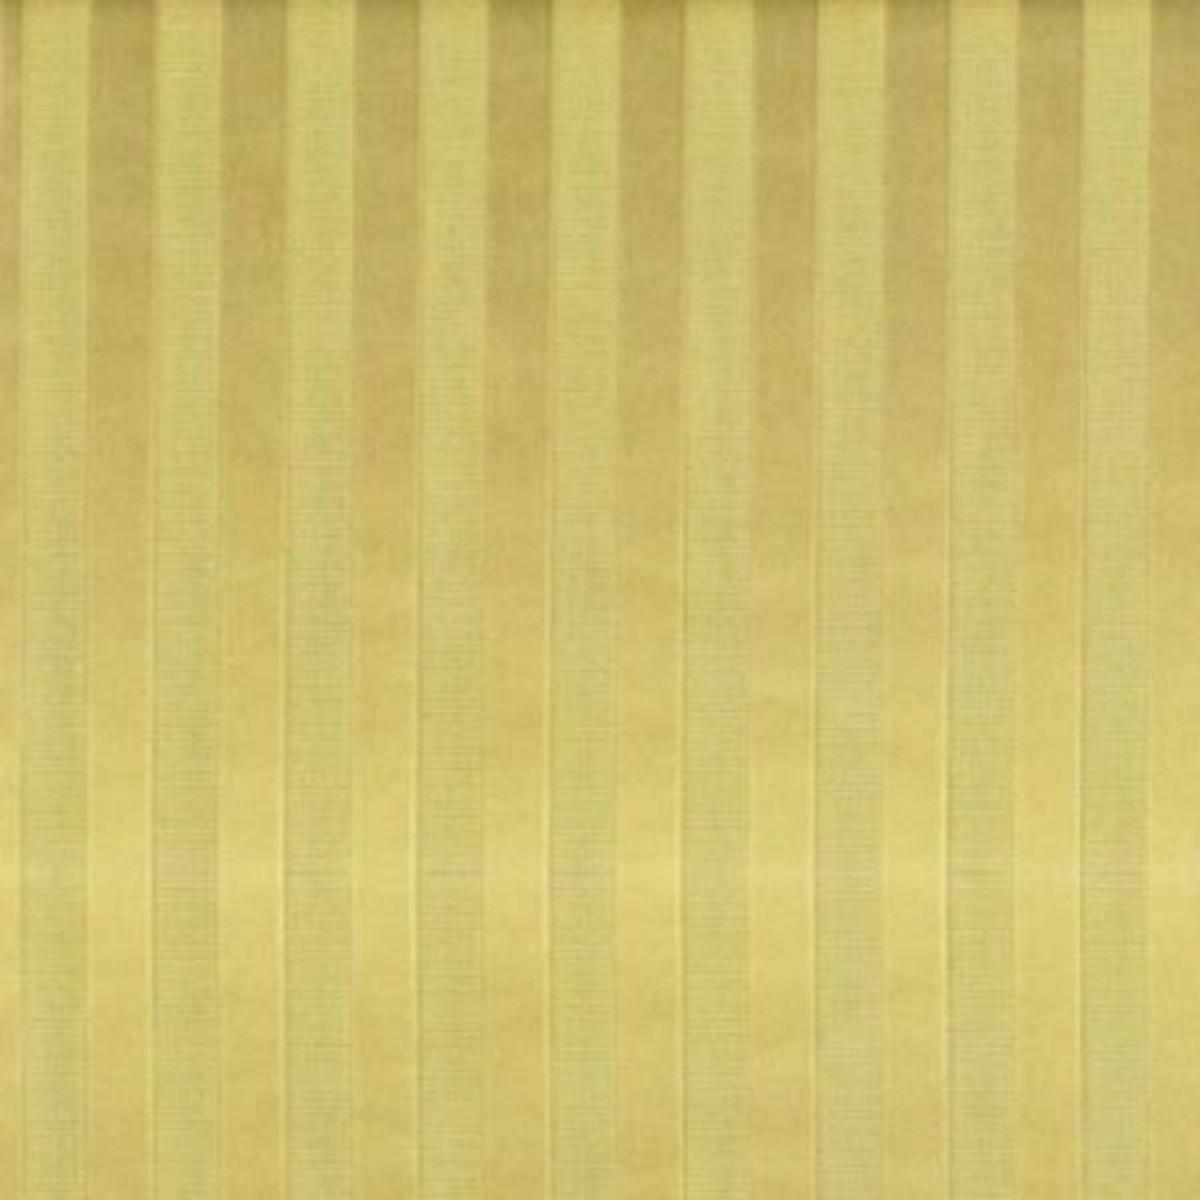 Обои виниловые Limonta Neapolis желтые 0.53 м 90902L